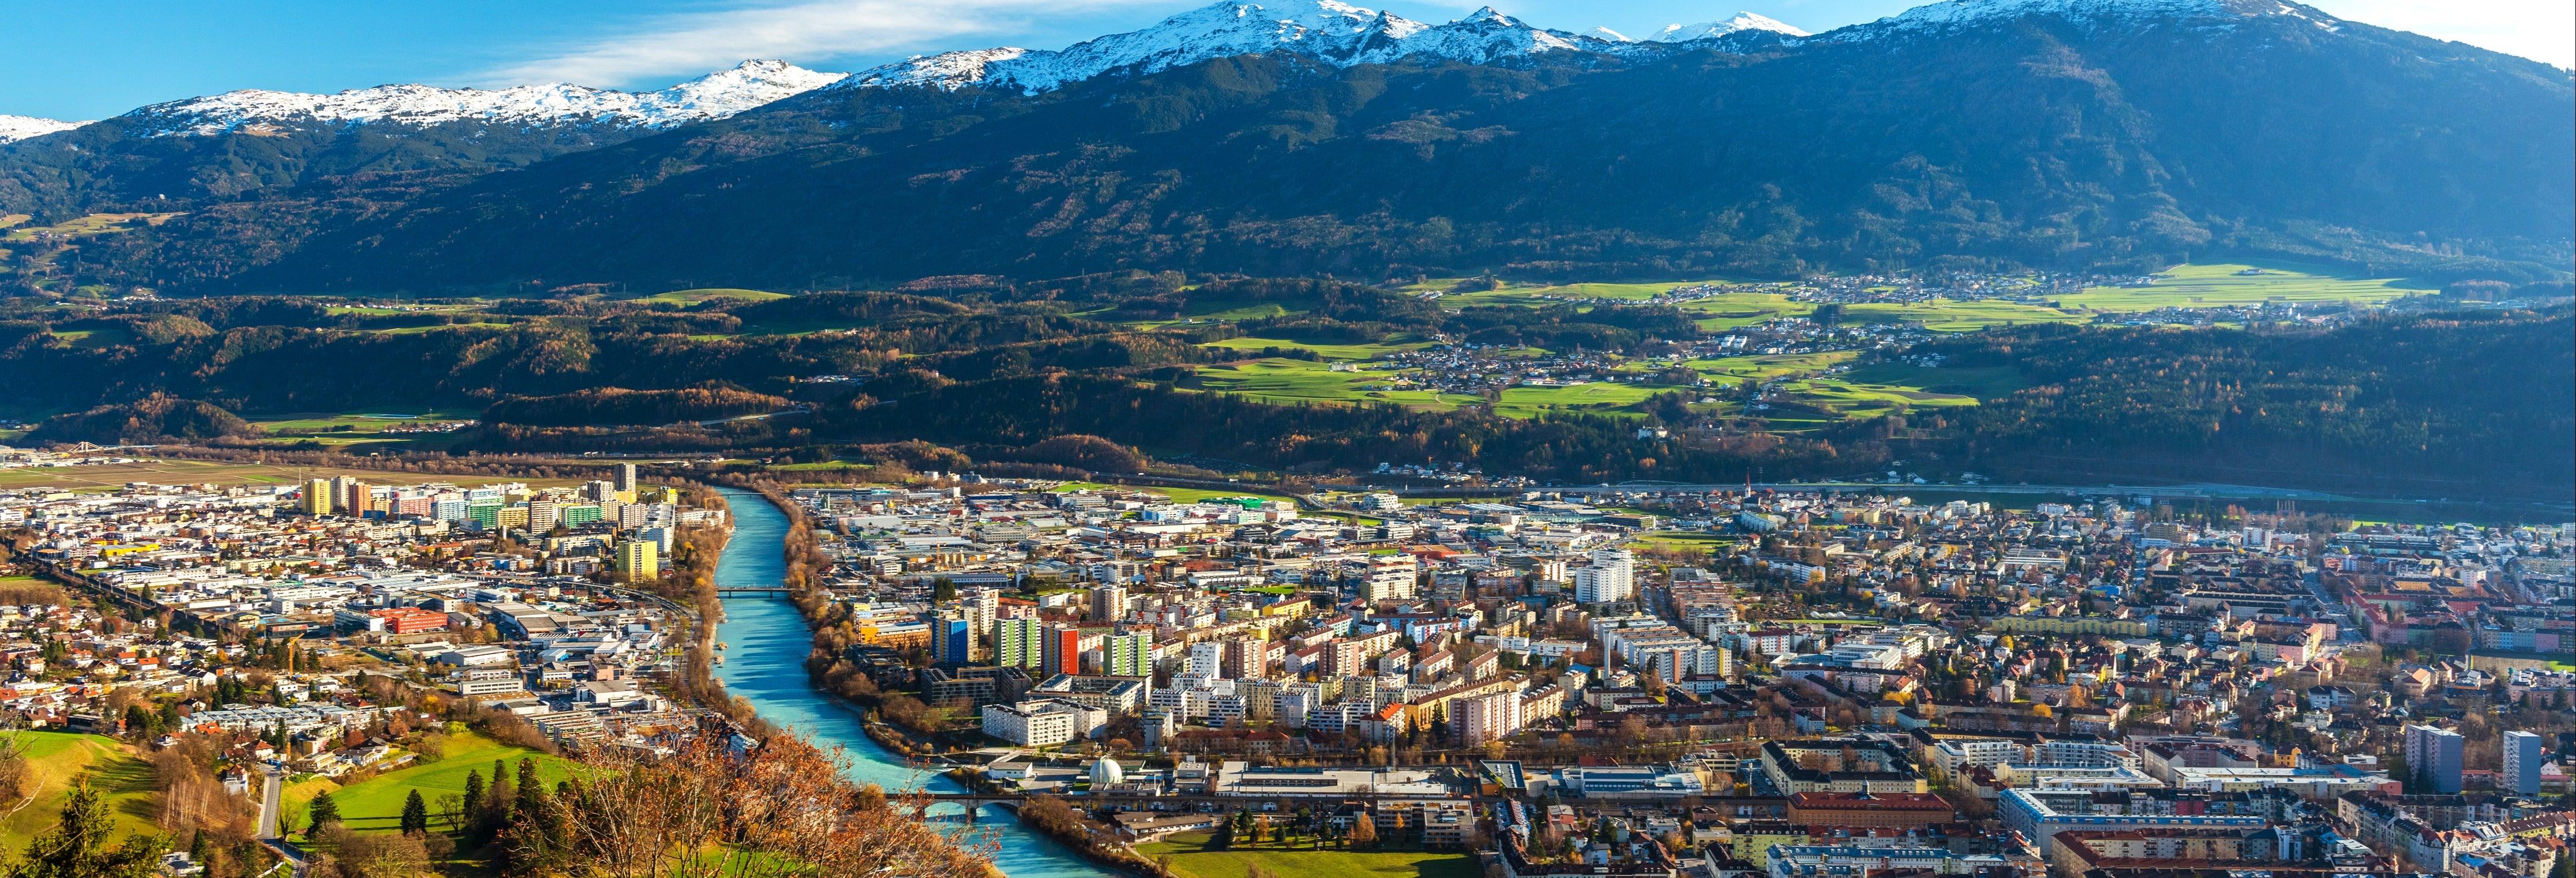 Excursión a Tirol e Innsbruck